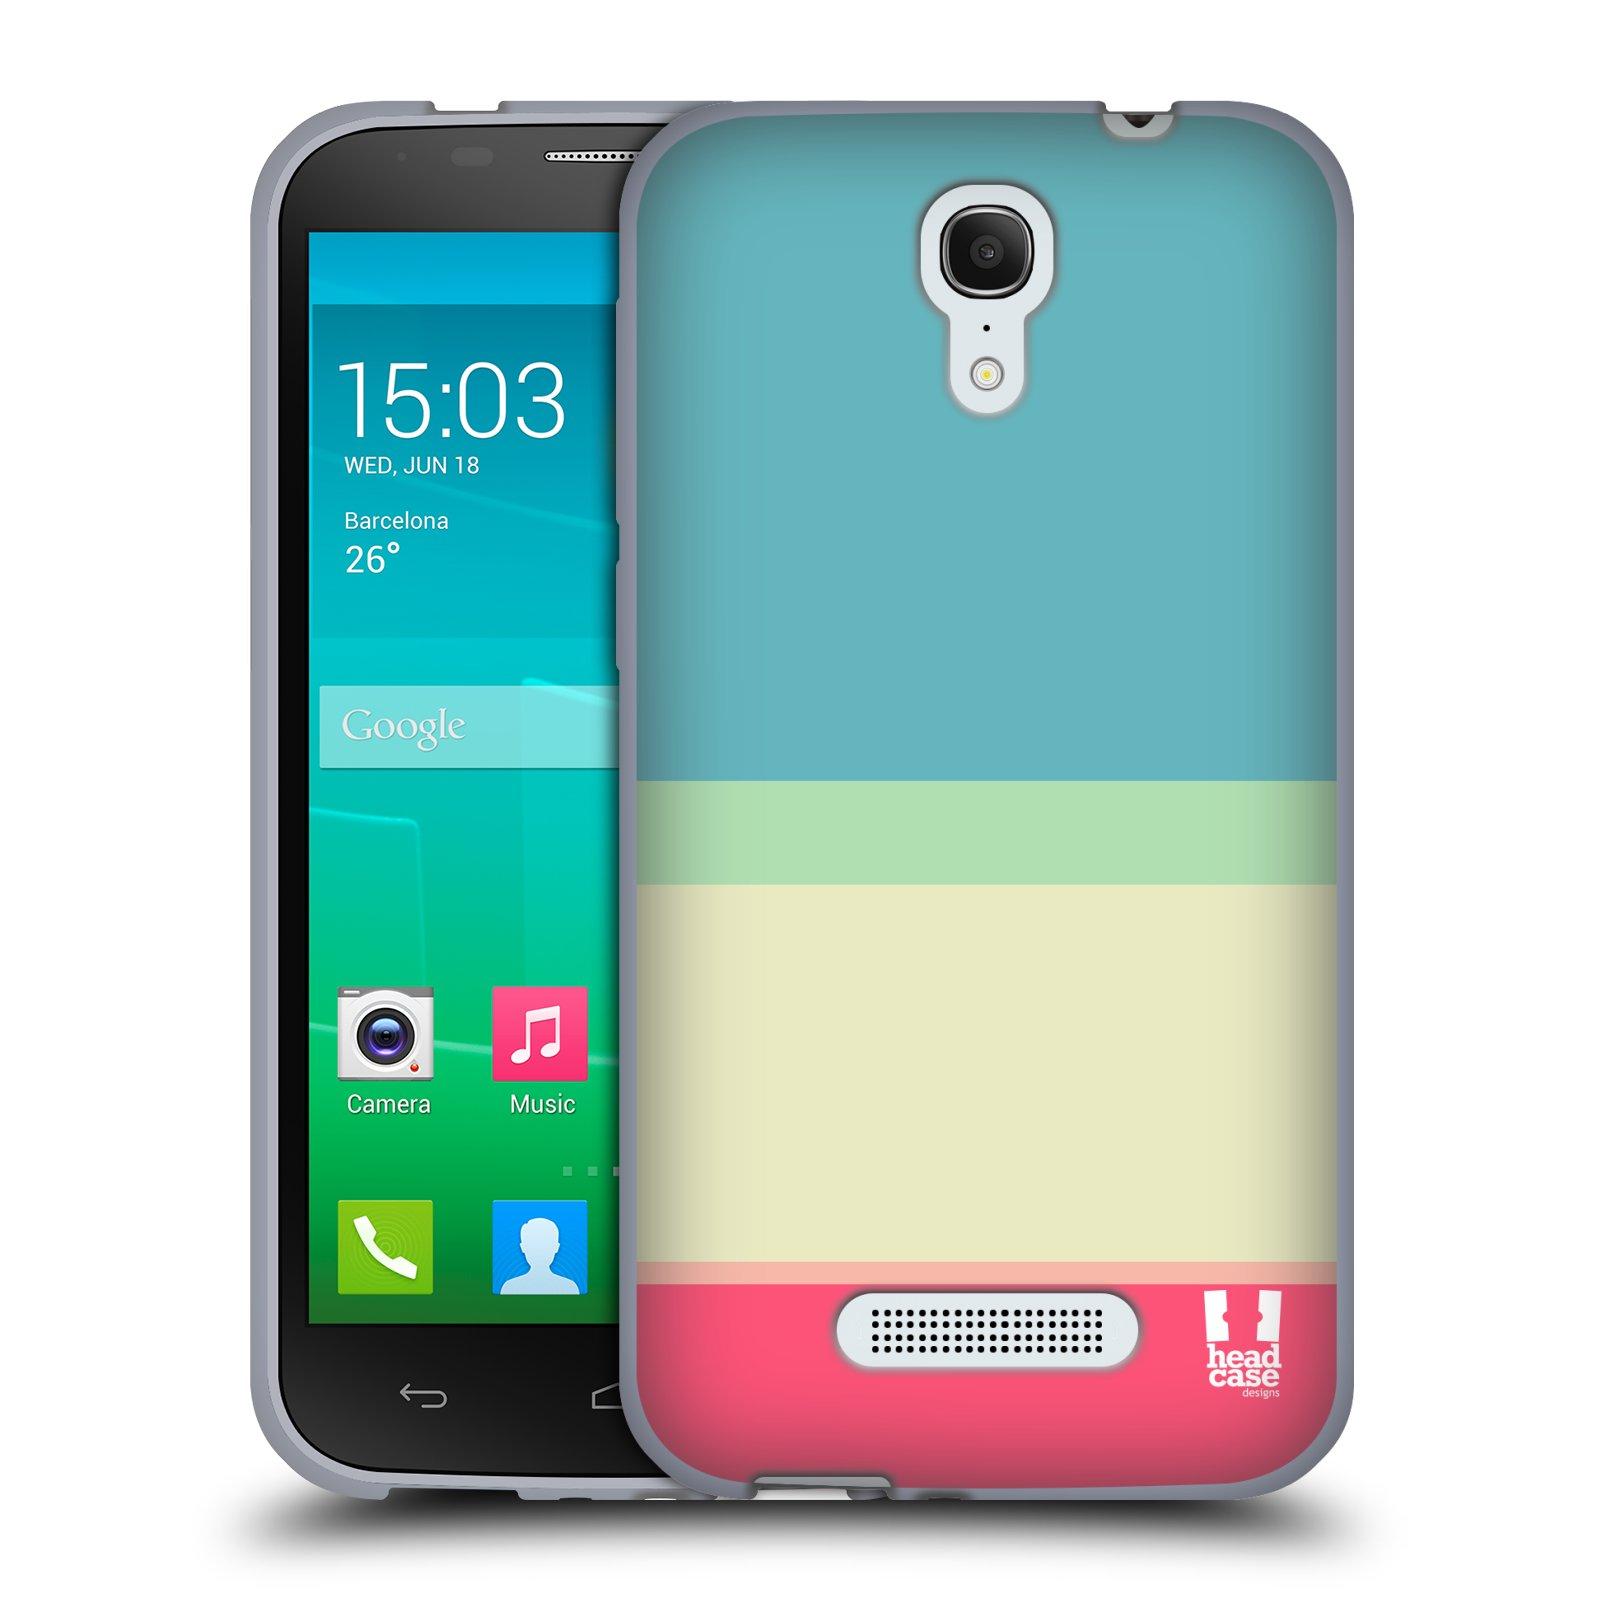 HEAD CASE silikonový obal na mobil Alcatel POP S7 vzor Barevné proužky MODRÁ A RŮŽOVÁ